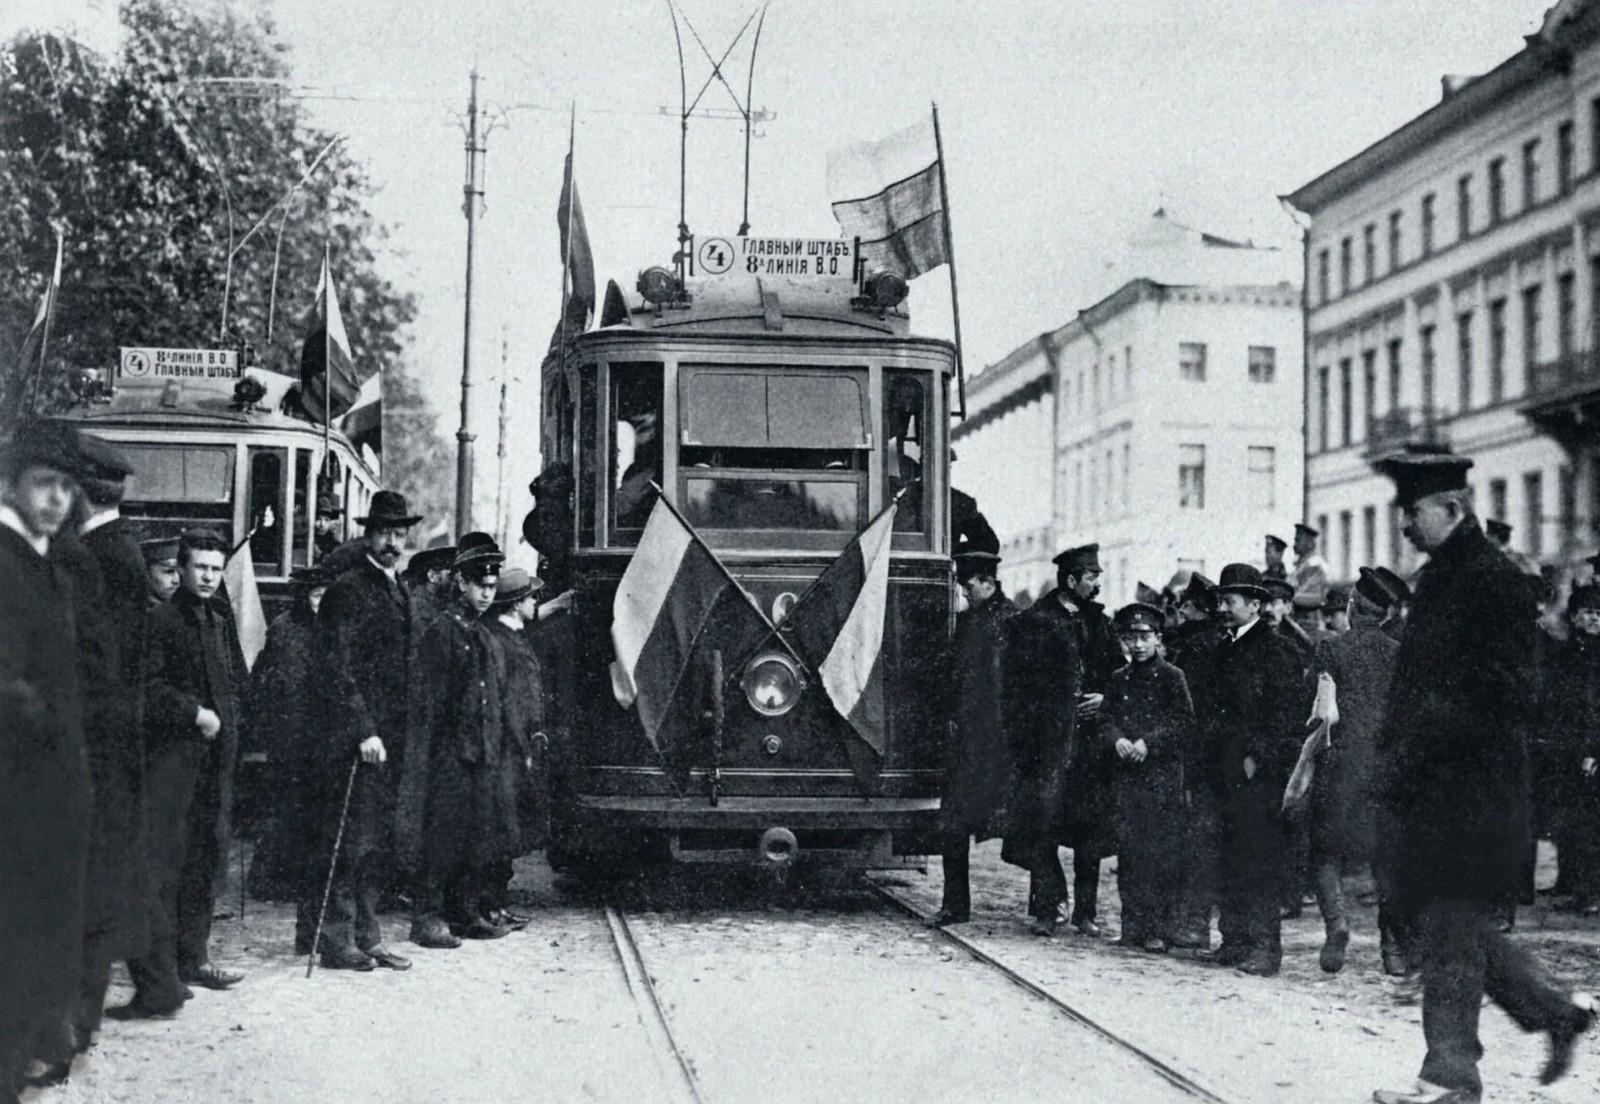 27. 1907. Торжественный запуск первого трамвая в Санкт-Петербурге. 16 июля